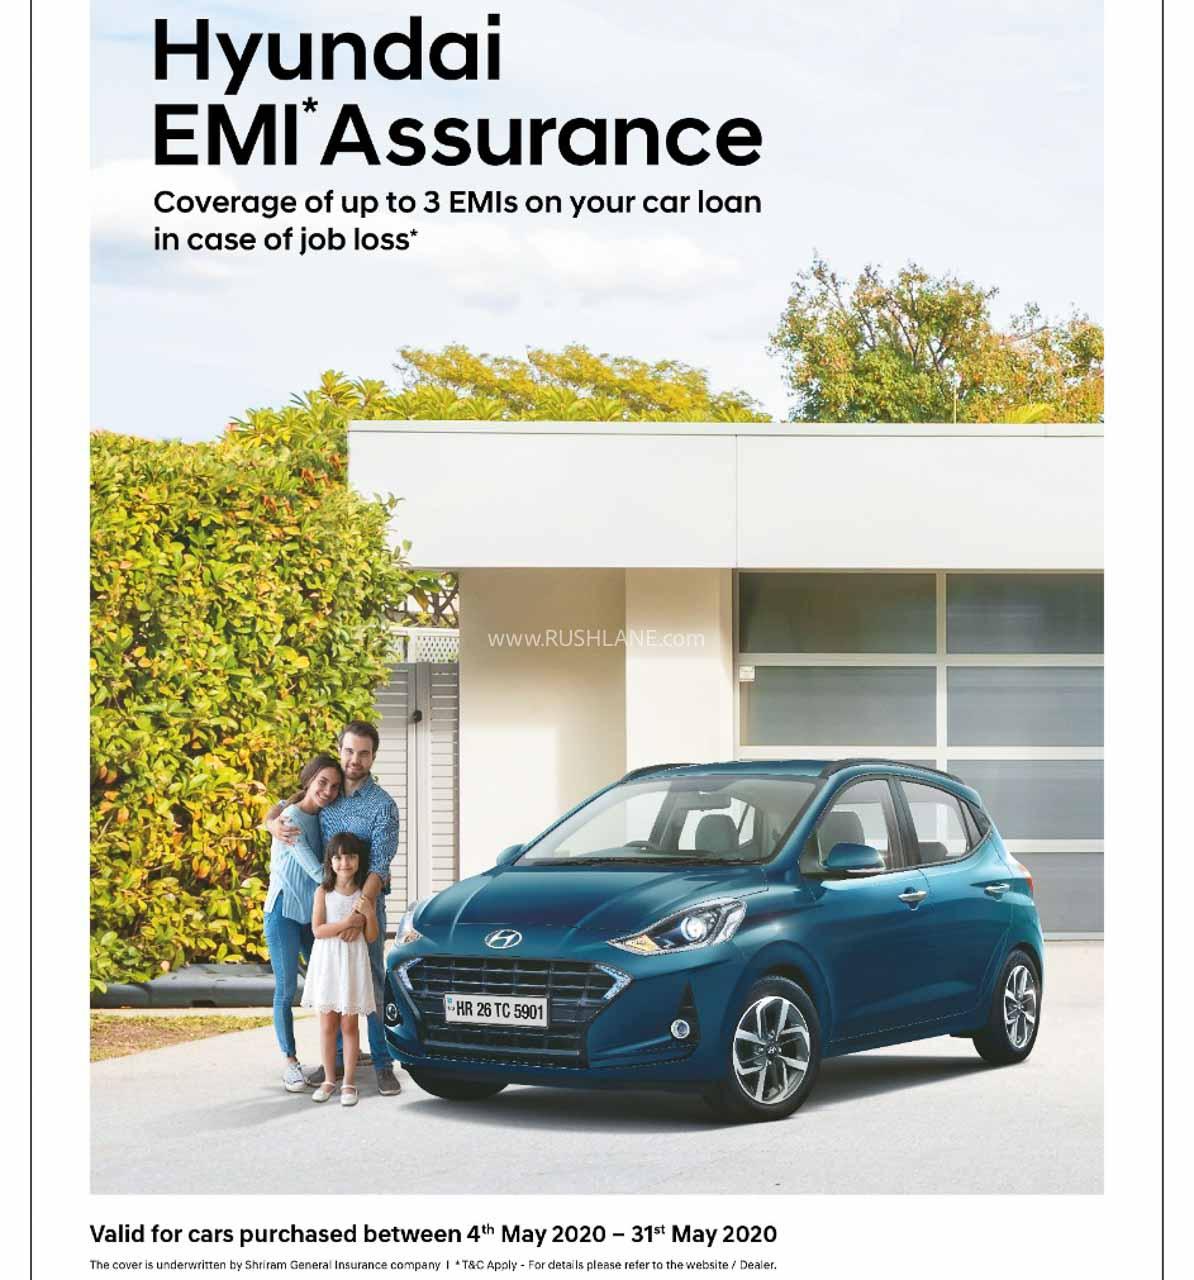 Hyundai EMI Assurance